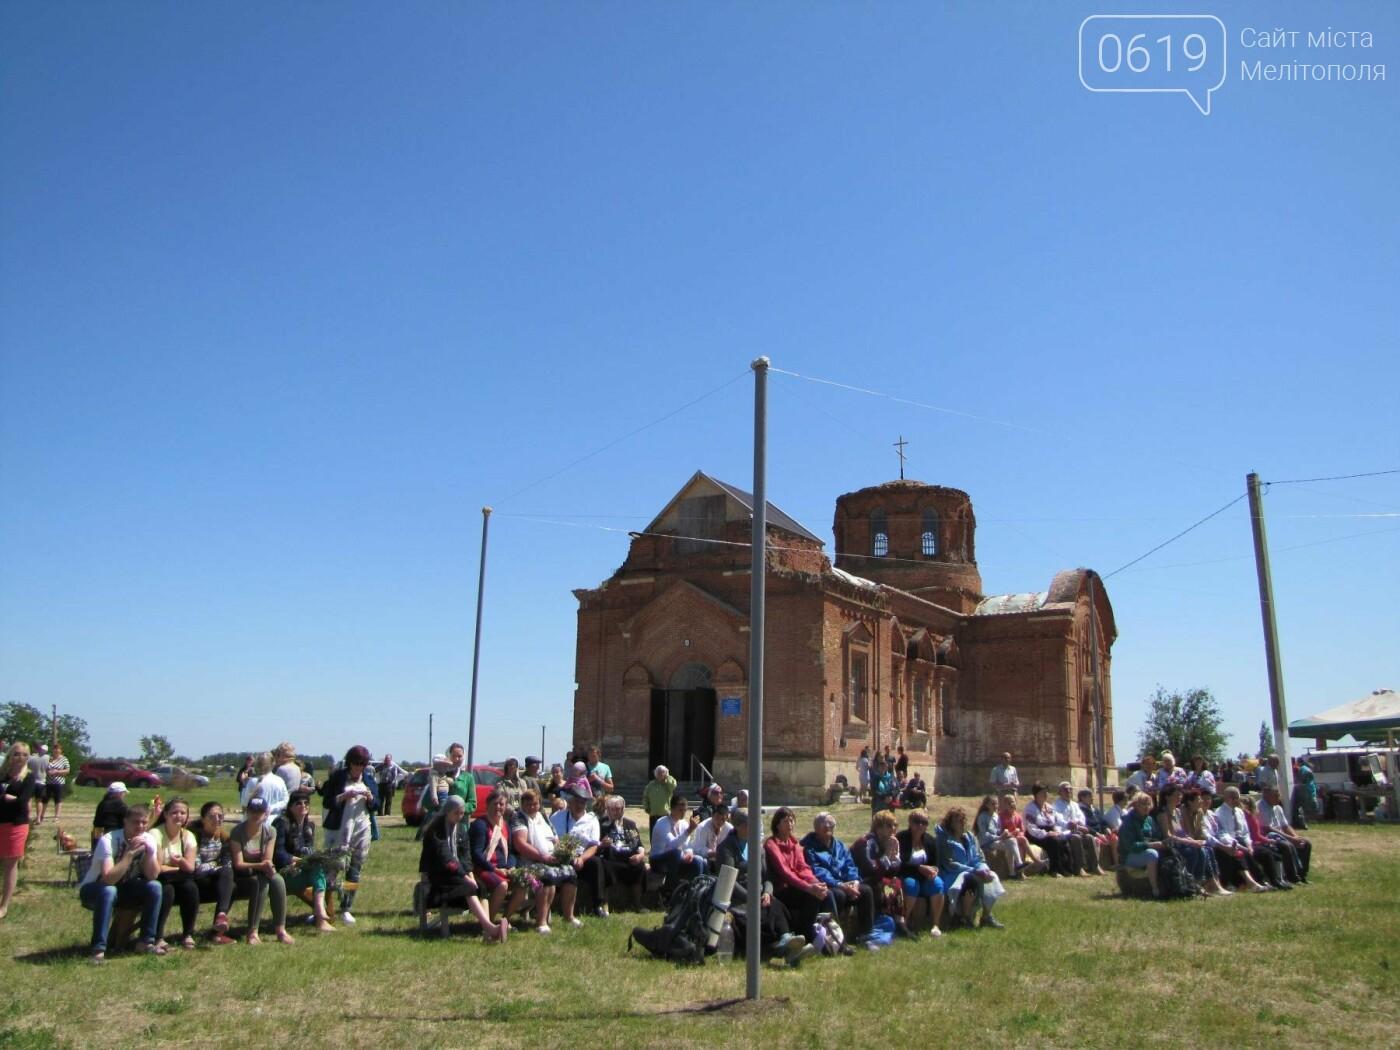 Жители Мелитопольщины отпраздновали Троицу, фото-18